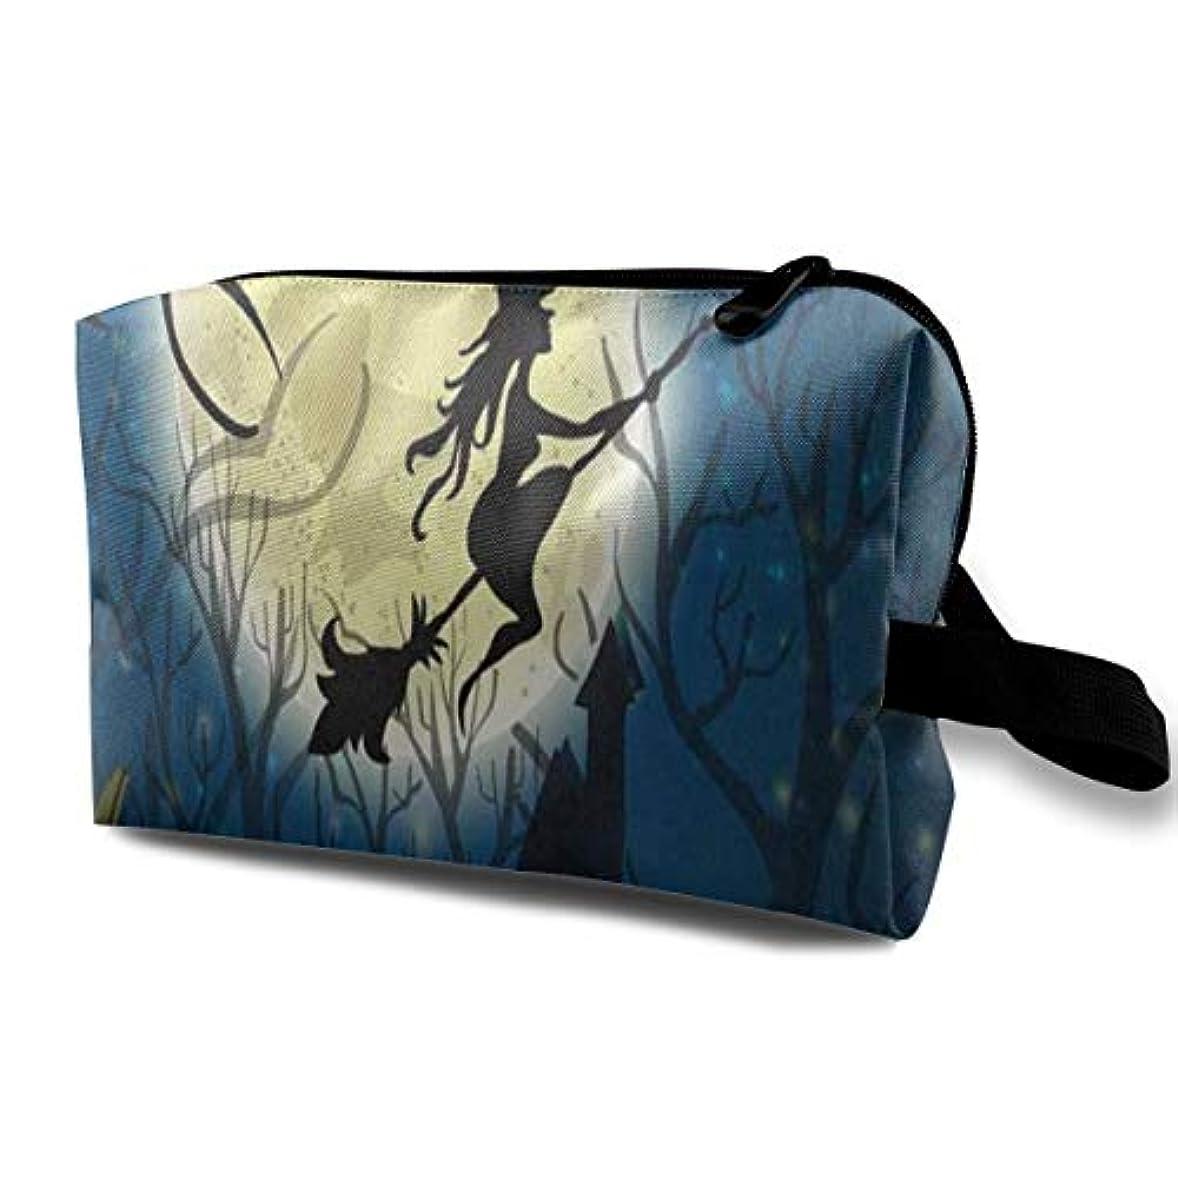 魔女の月パンプキンハロウィン ポーチ 旅行 化粧ポーチ 防水 収納ポーチ コスメポーチ 軽量 トラベルポーチ25cm×16cm×12cm